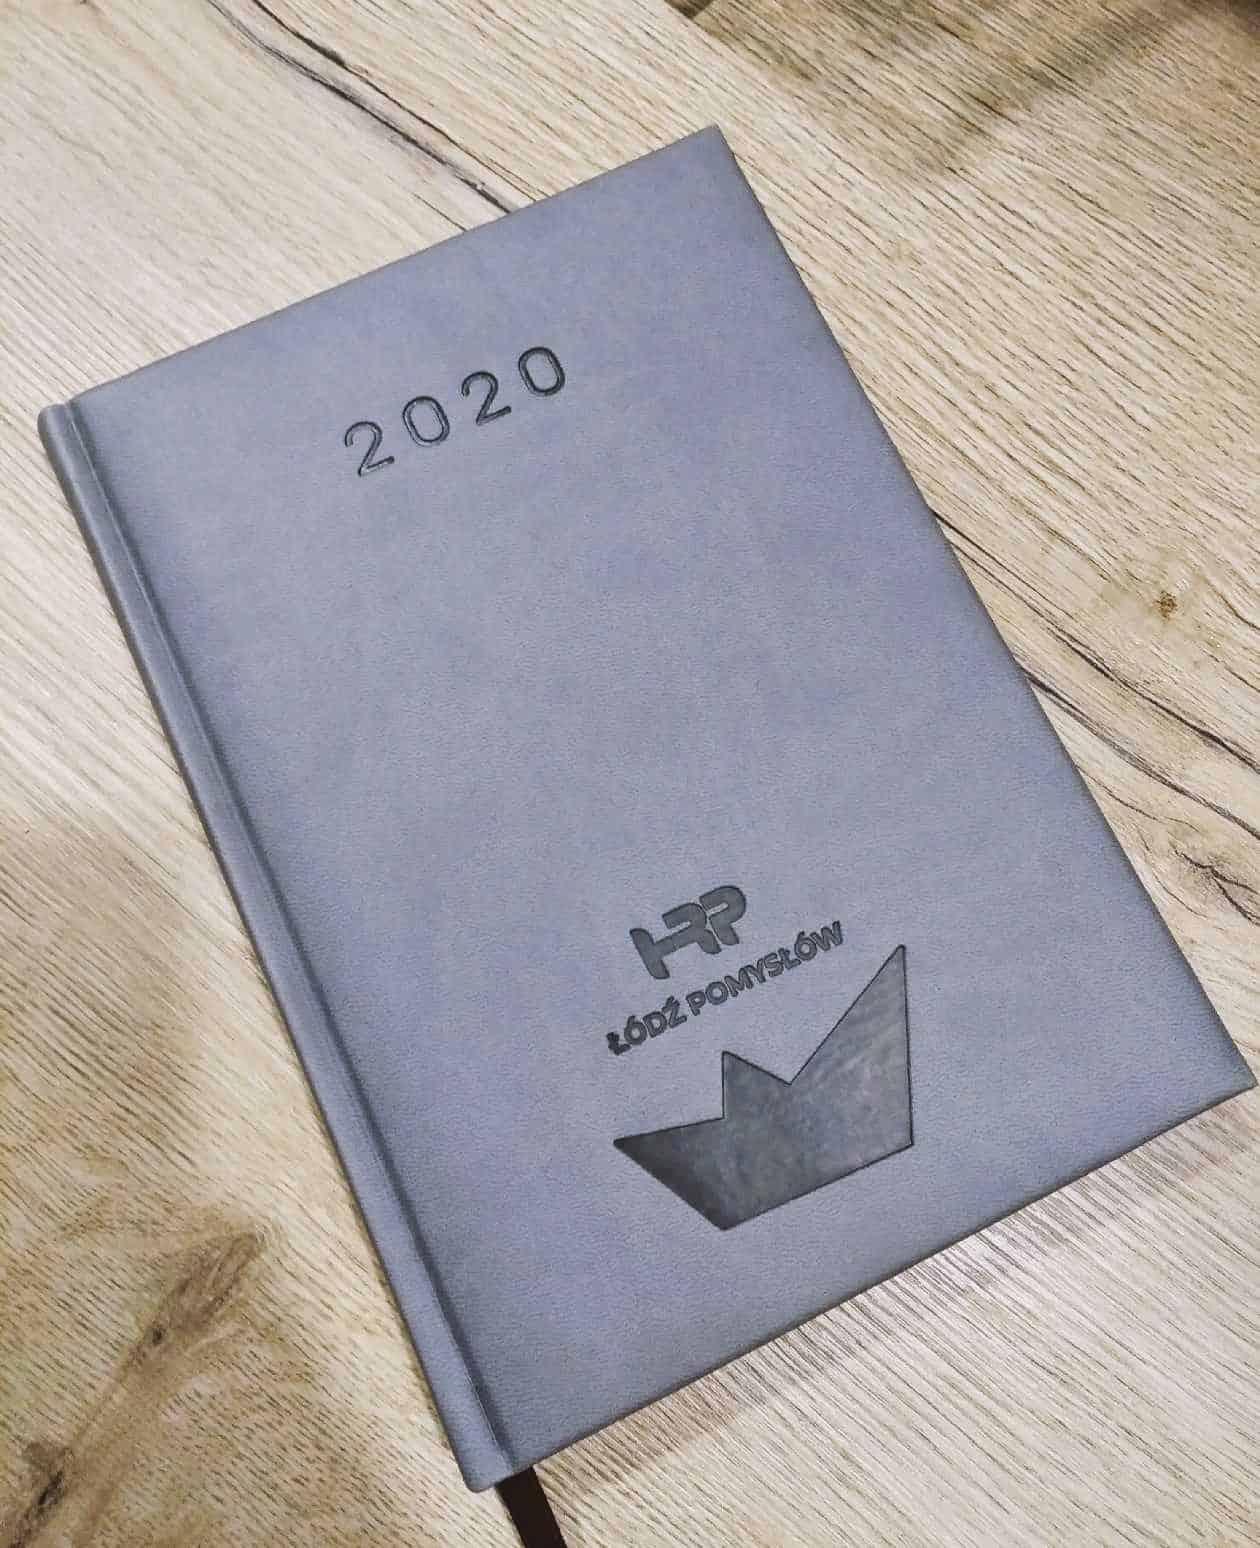 kalendarze książkowe 2020 z tłoczonym logo HRP Łódź Pomysłów